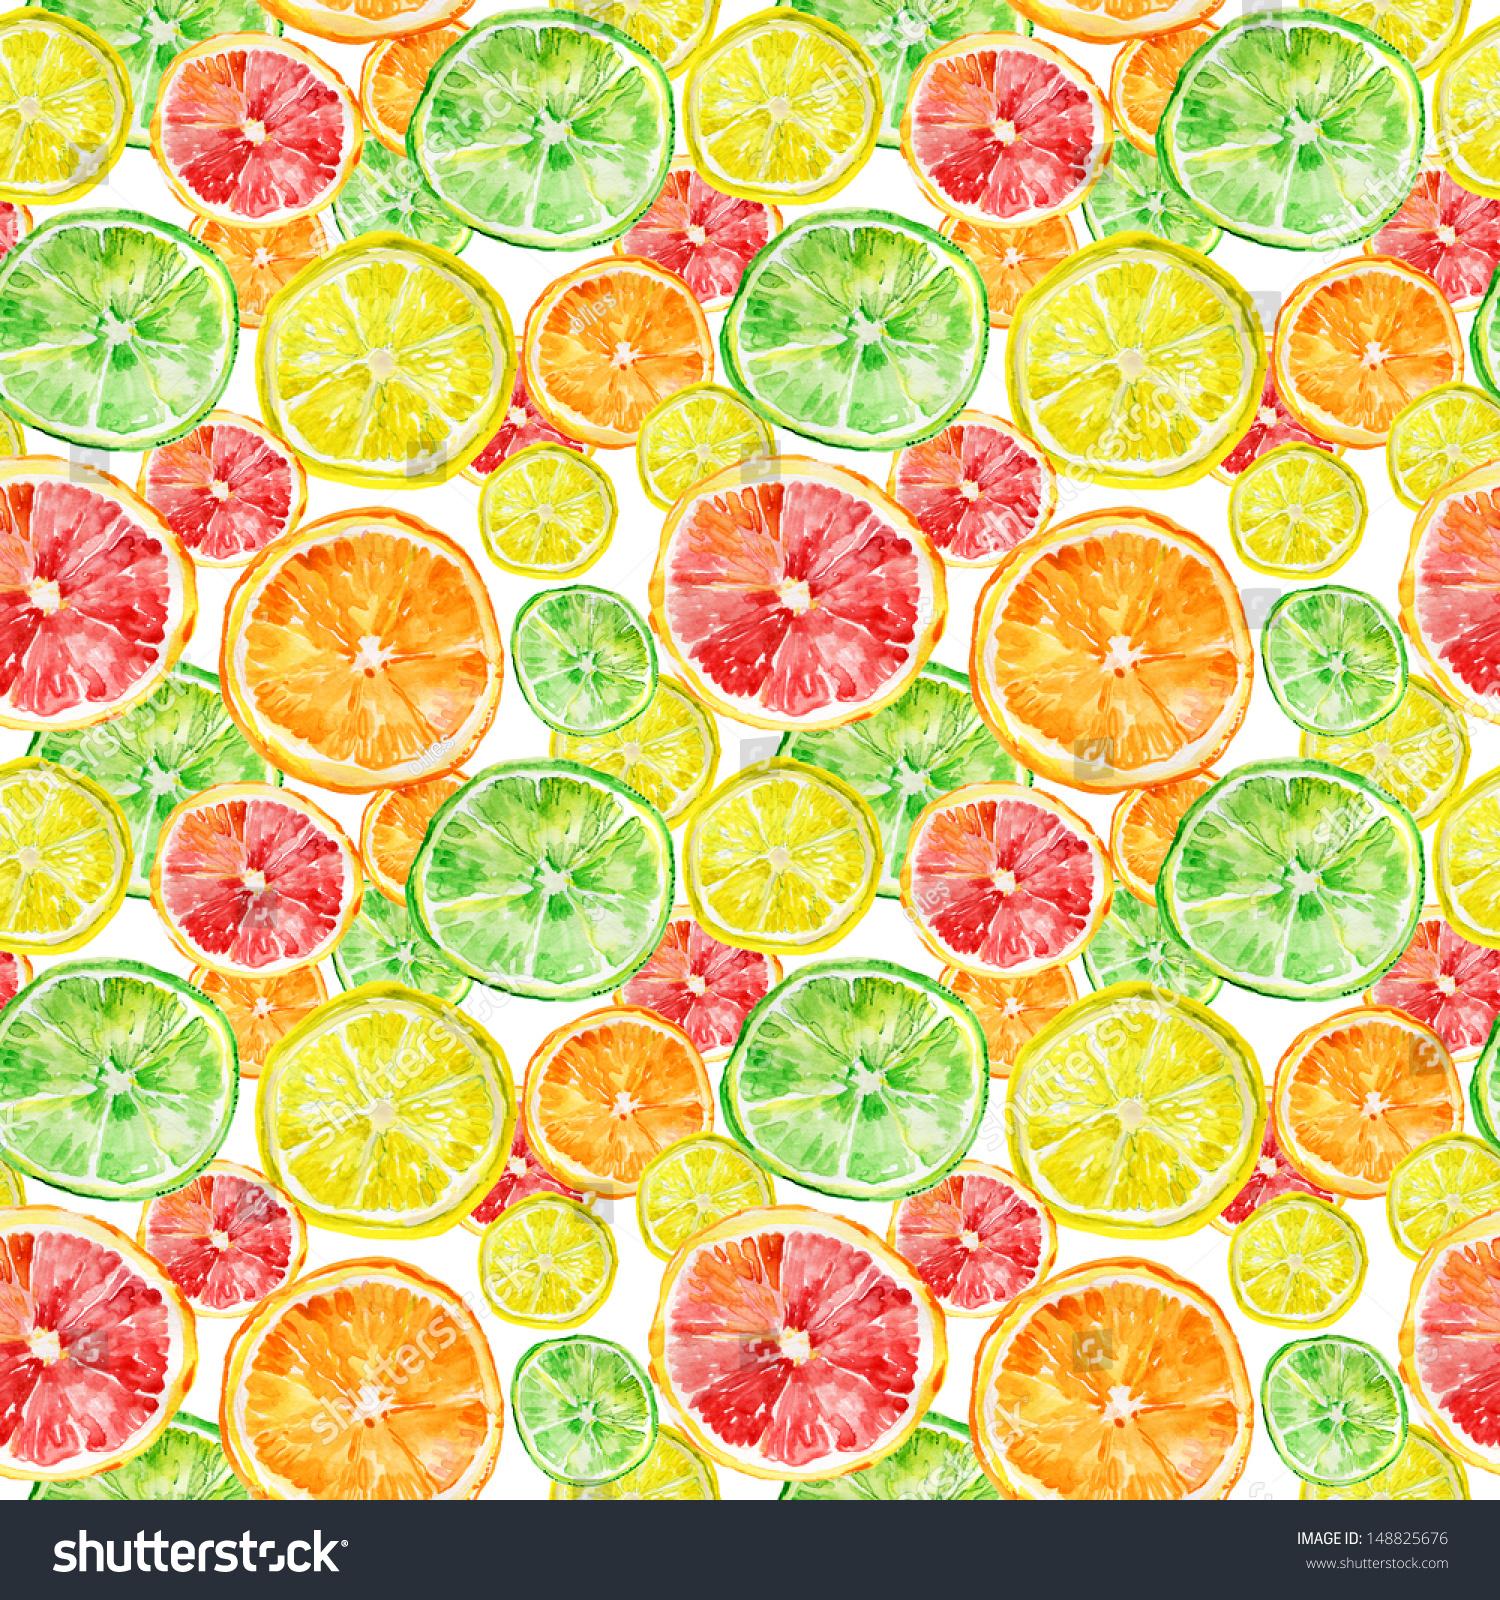 抽象的三色的背景,柑橘类水果的柚子,橙子和柠檬片.